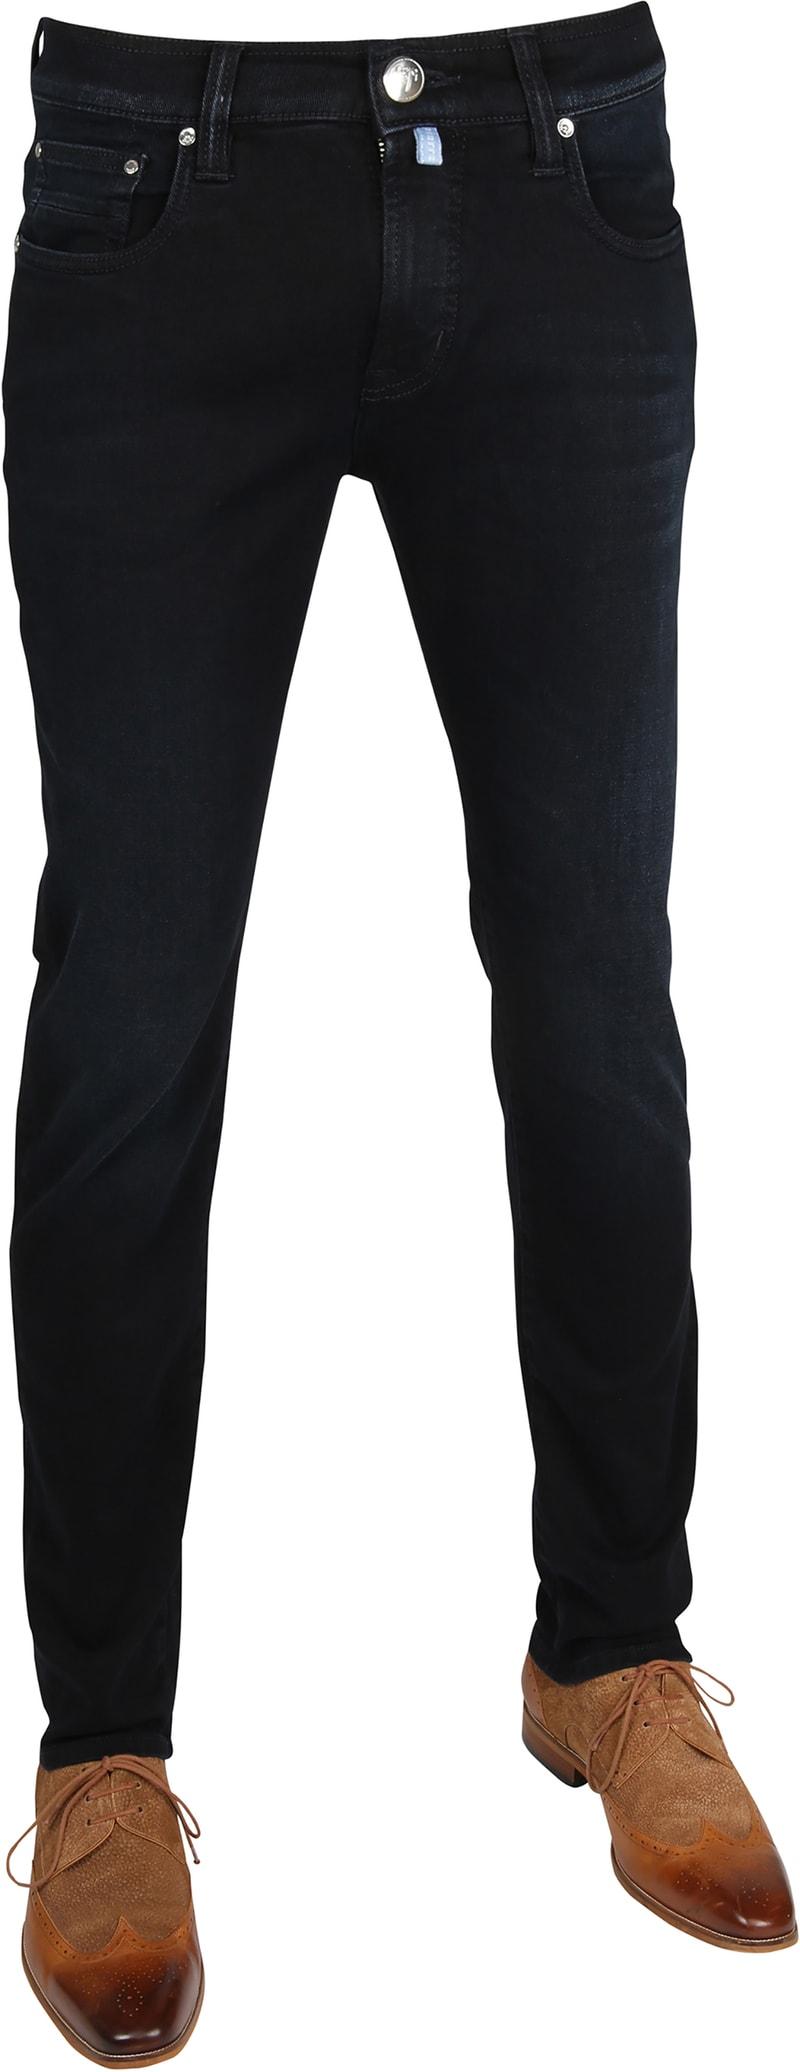 Pierre Cardin Jeans Antibes Navy foto 0